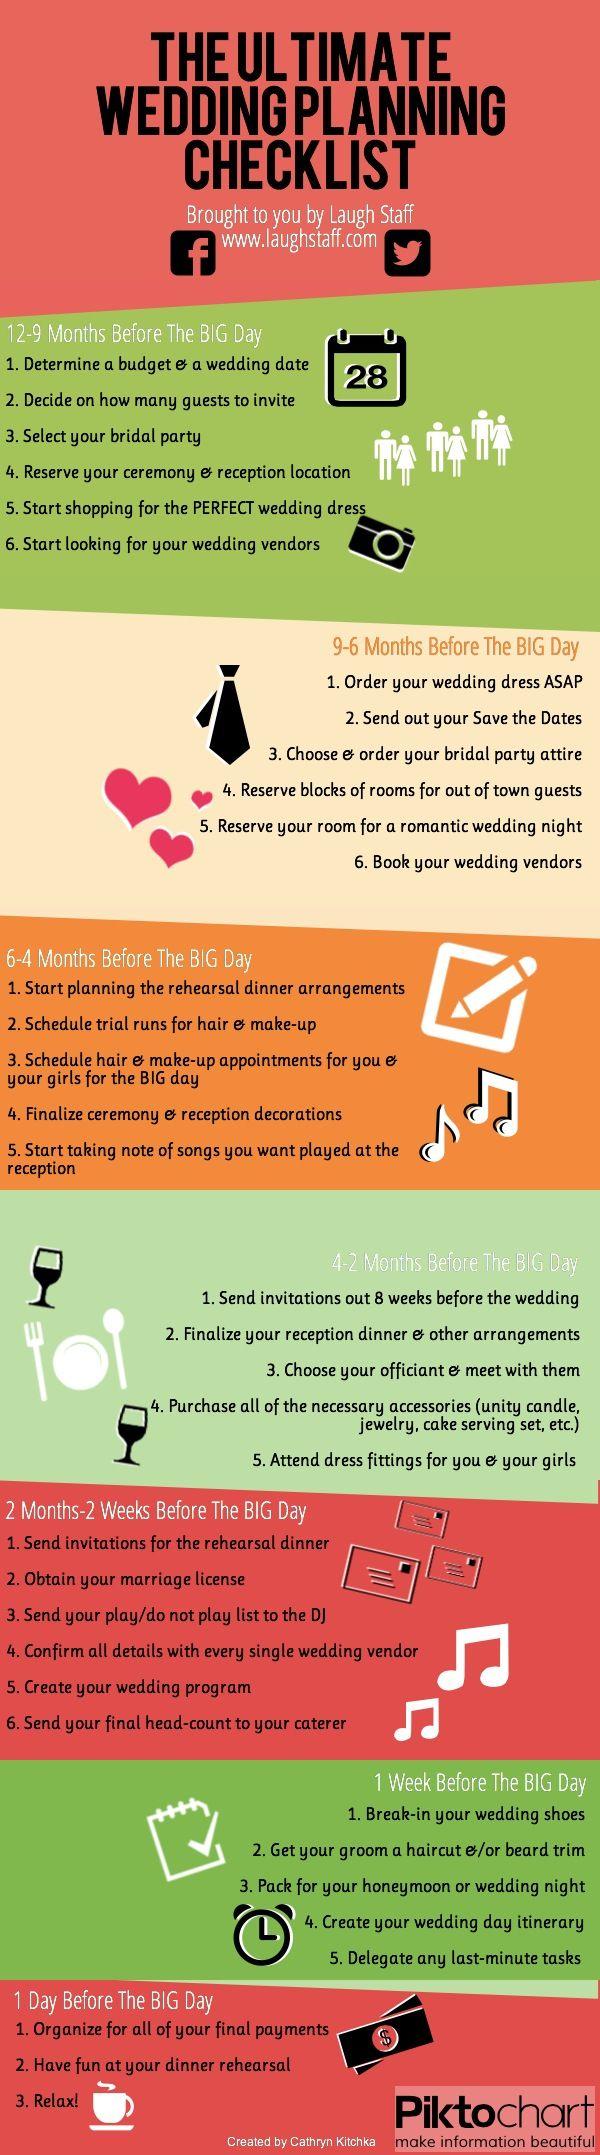 wedding planner checklist timeline